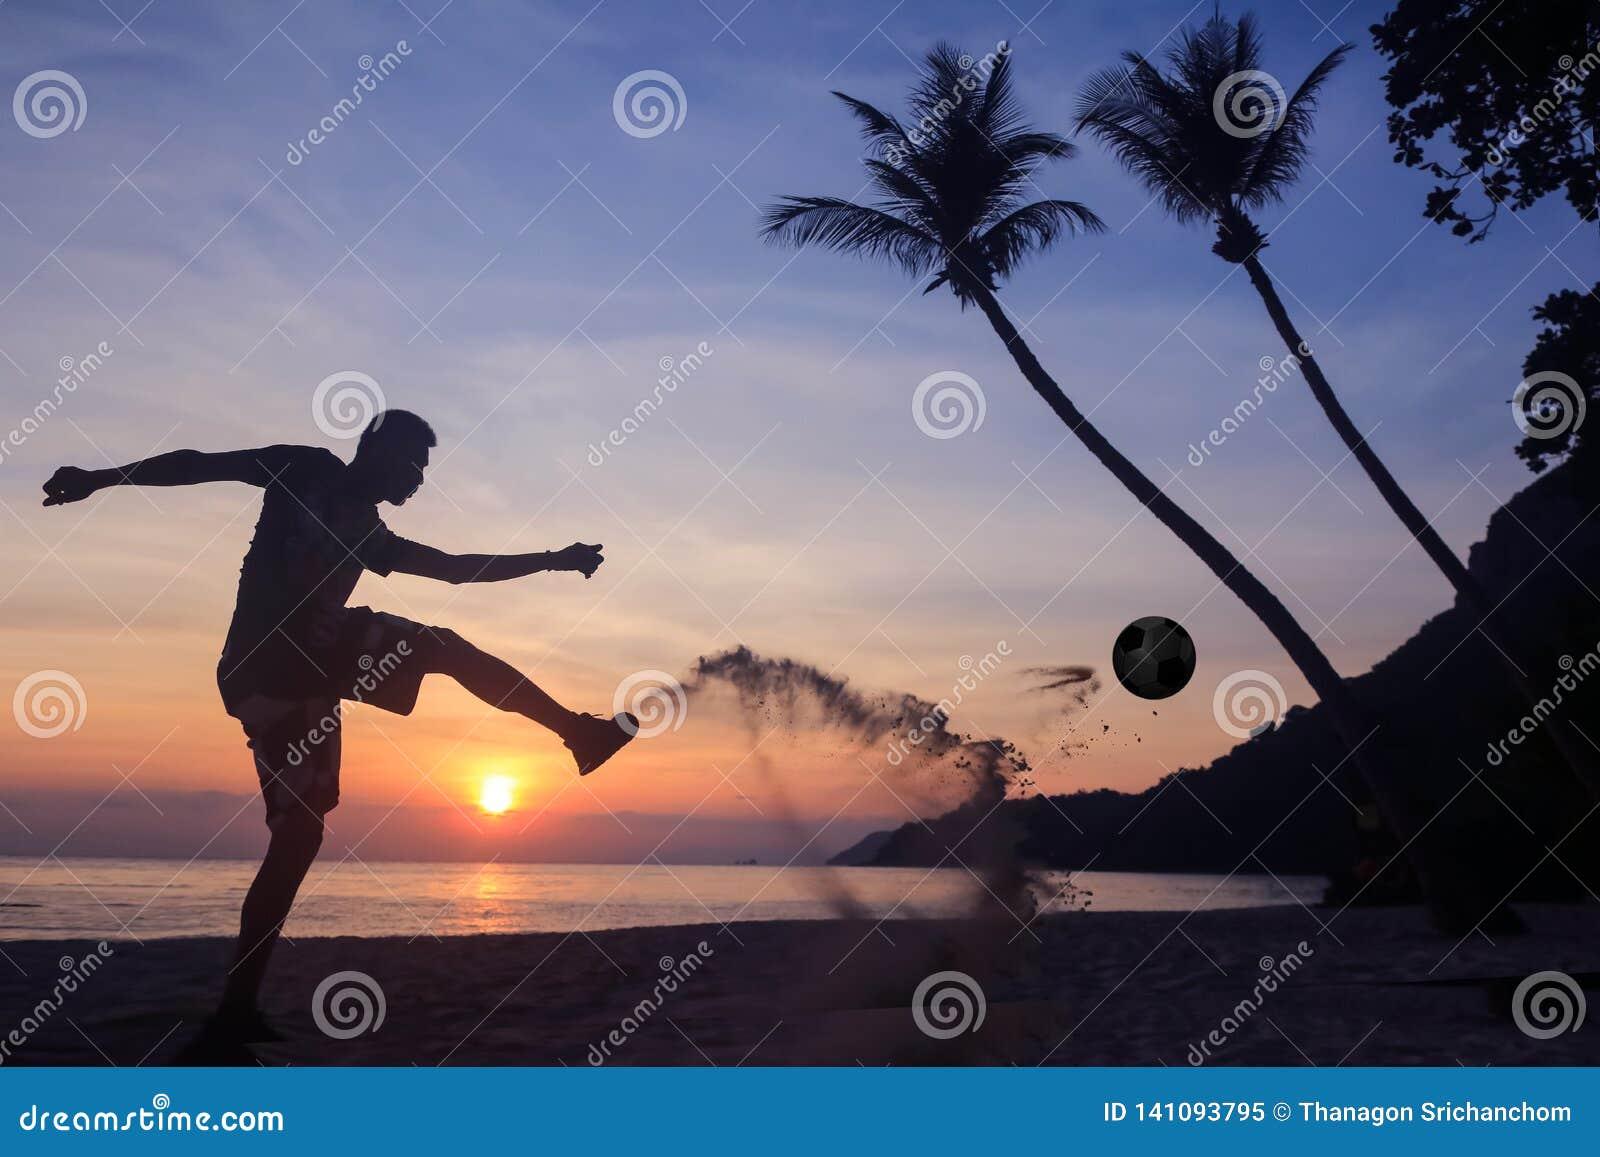 Schattenbild-Salven-Trittfußball auf dem Strand, asiatischer Mannspielfußball bei Sonnenaufgang